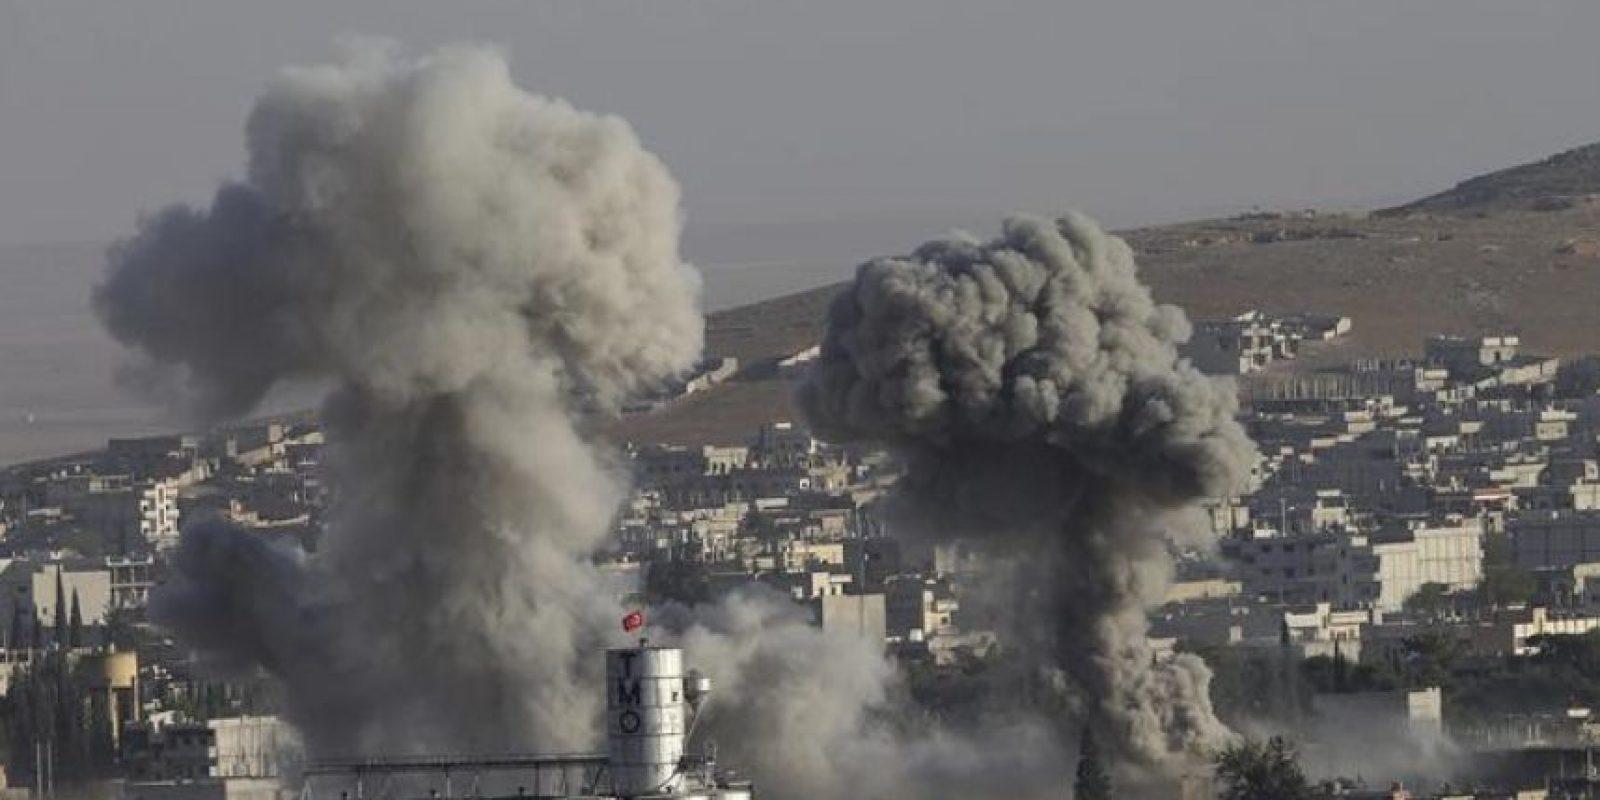 Vista tomada ayer desde Turquía de una columna de humo durante los enfrentamientos armados entre el Estado Islámico (EI) y los combatientes kurdos, que intentan defender la localidad siria de Kobani. EFE